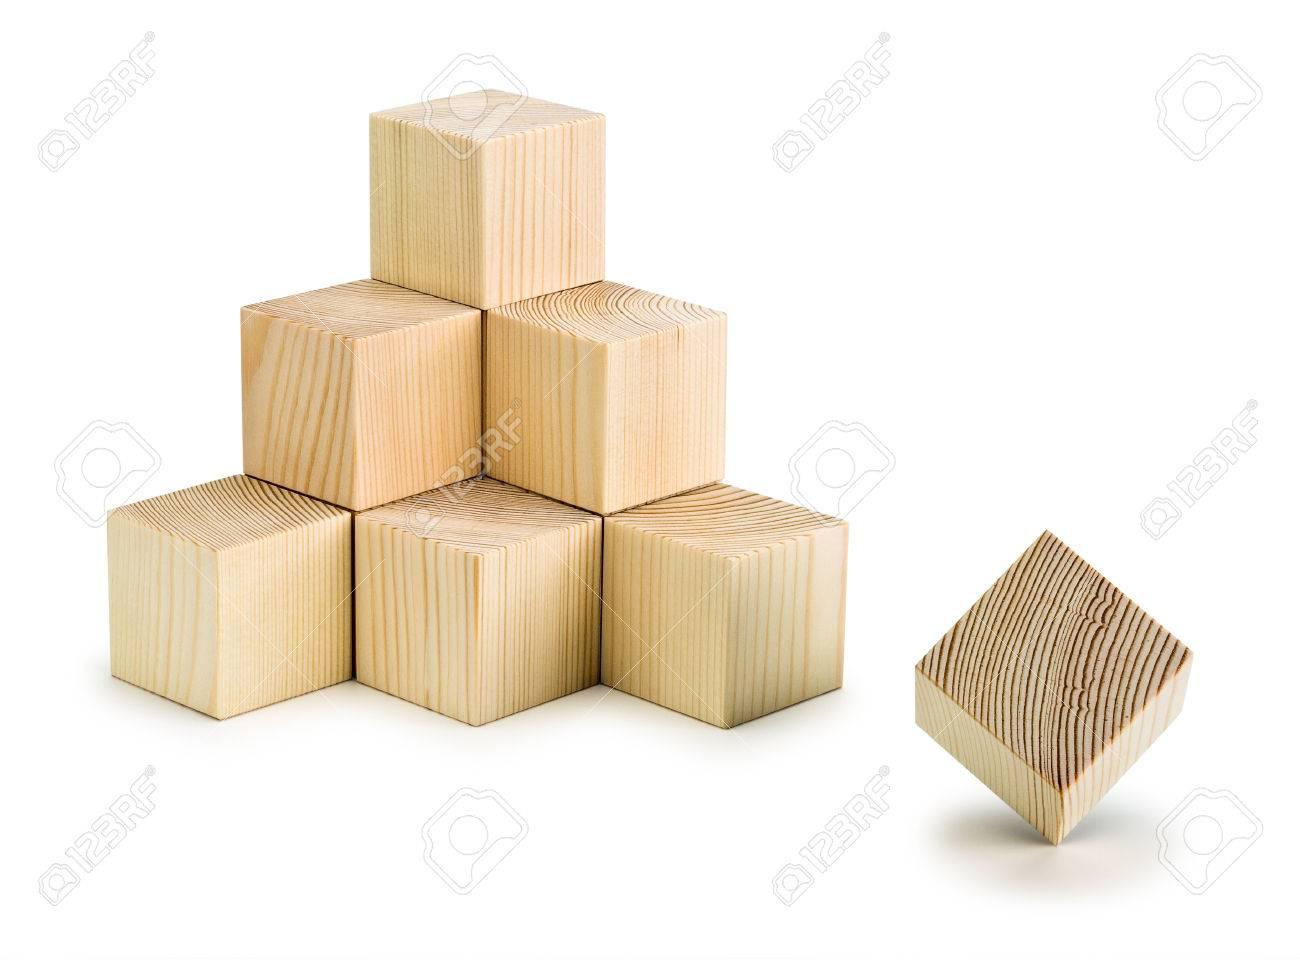 Cubi In Legno.Piramide Combinata Da Dieci Cubi Di Legno E Un Cubo Separato E Isolato Su Bianco